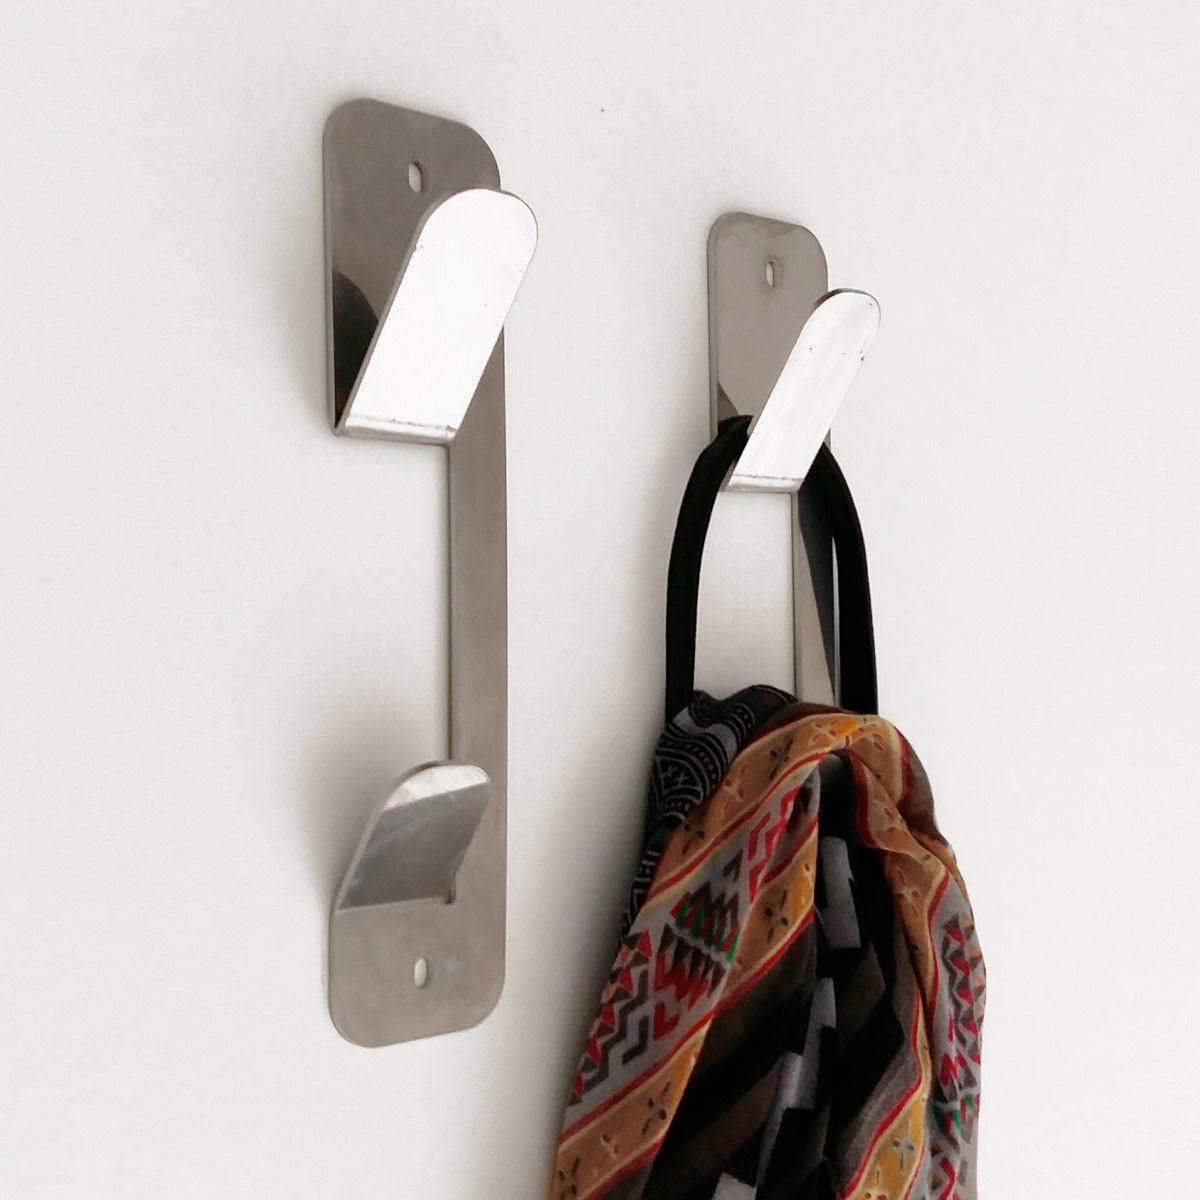 Muett percheros de acero inoxidable ideales para el ba o - Percheros de acero ...